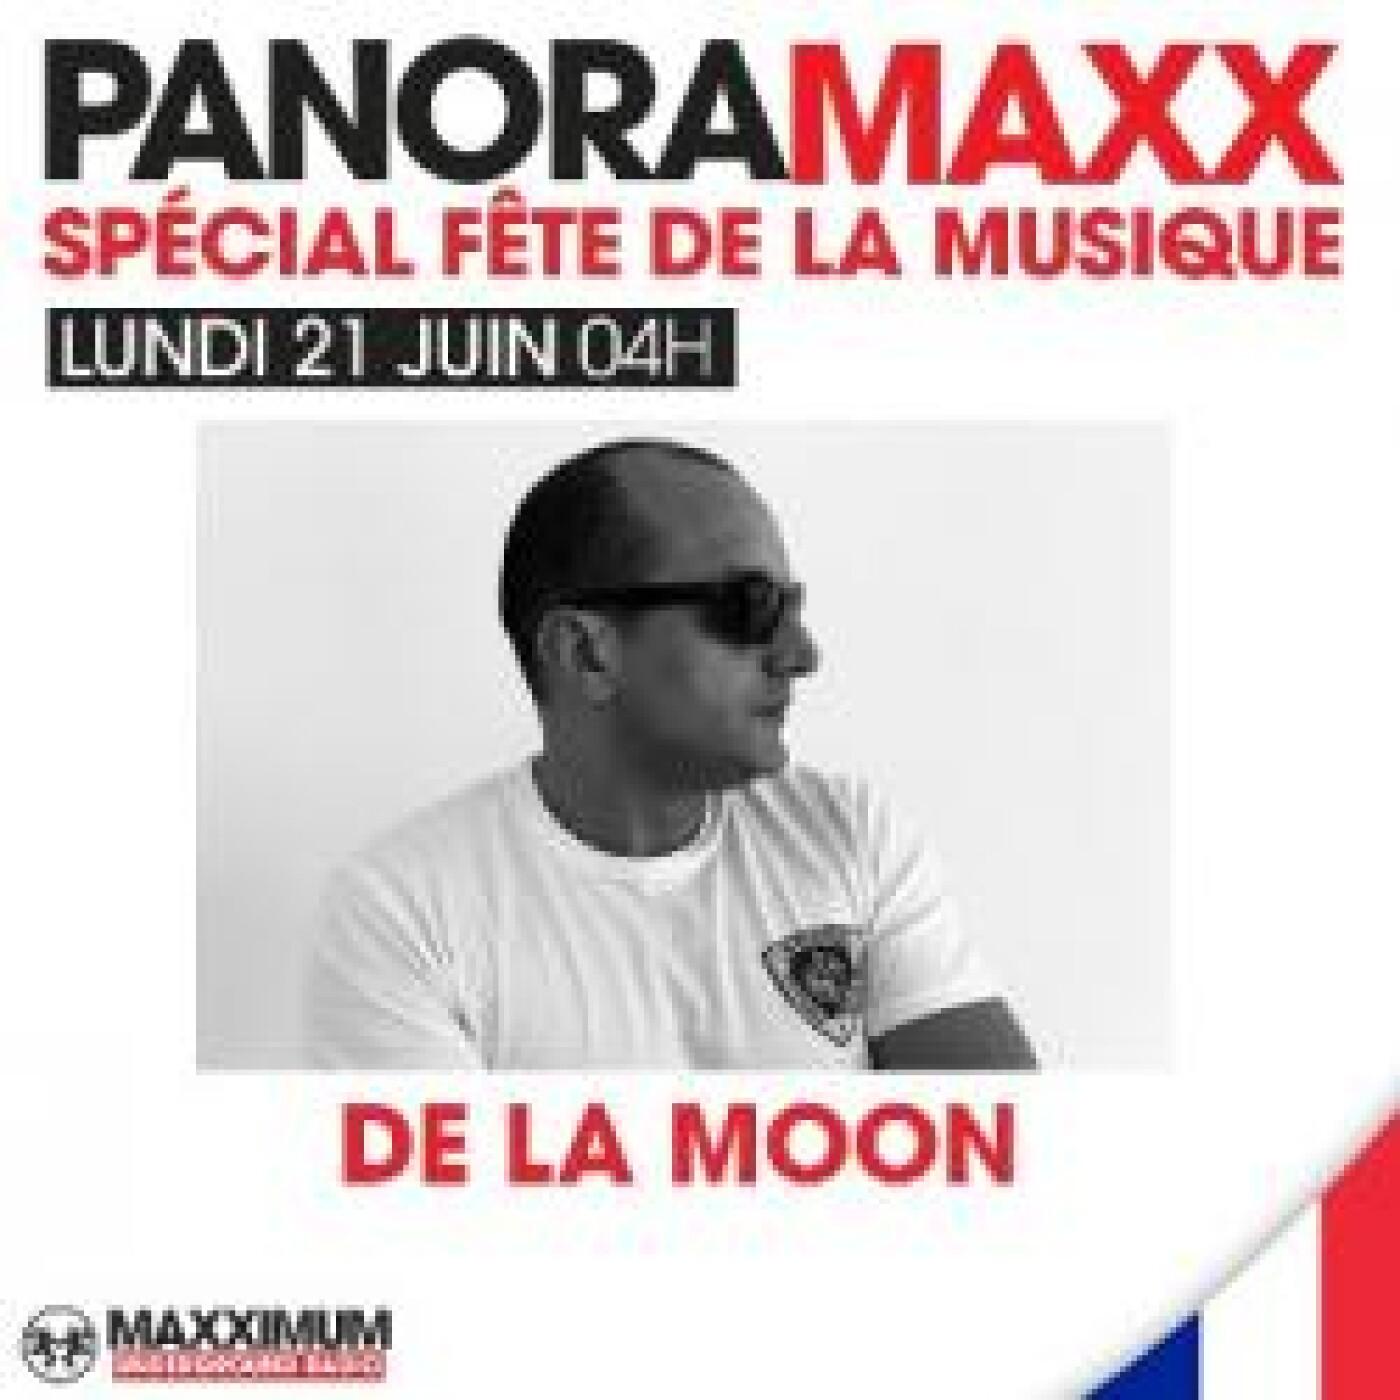 PANORAMAXX : DE LA MOON